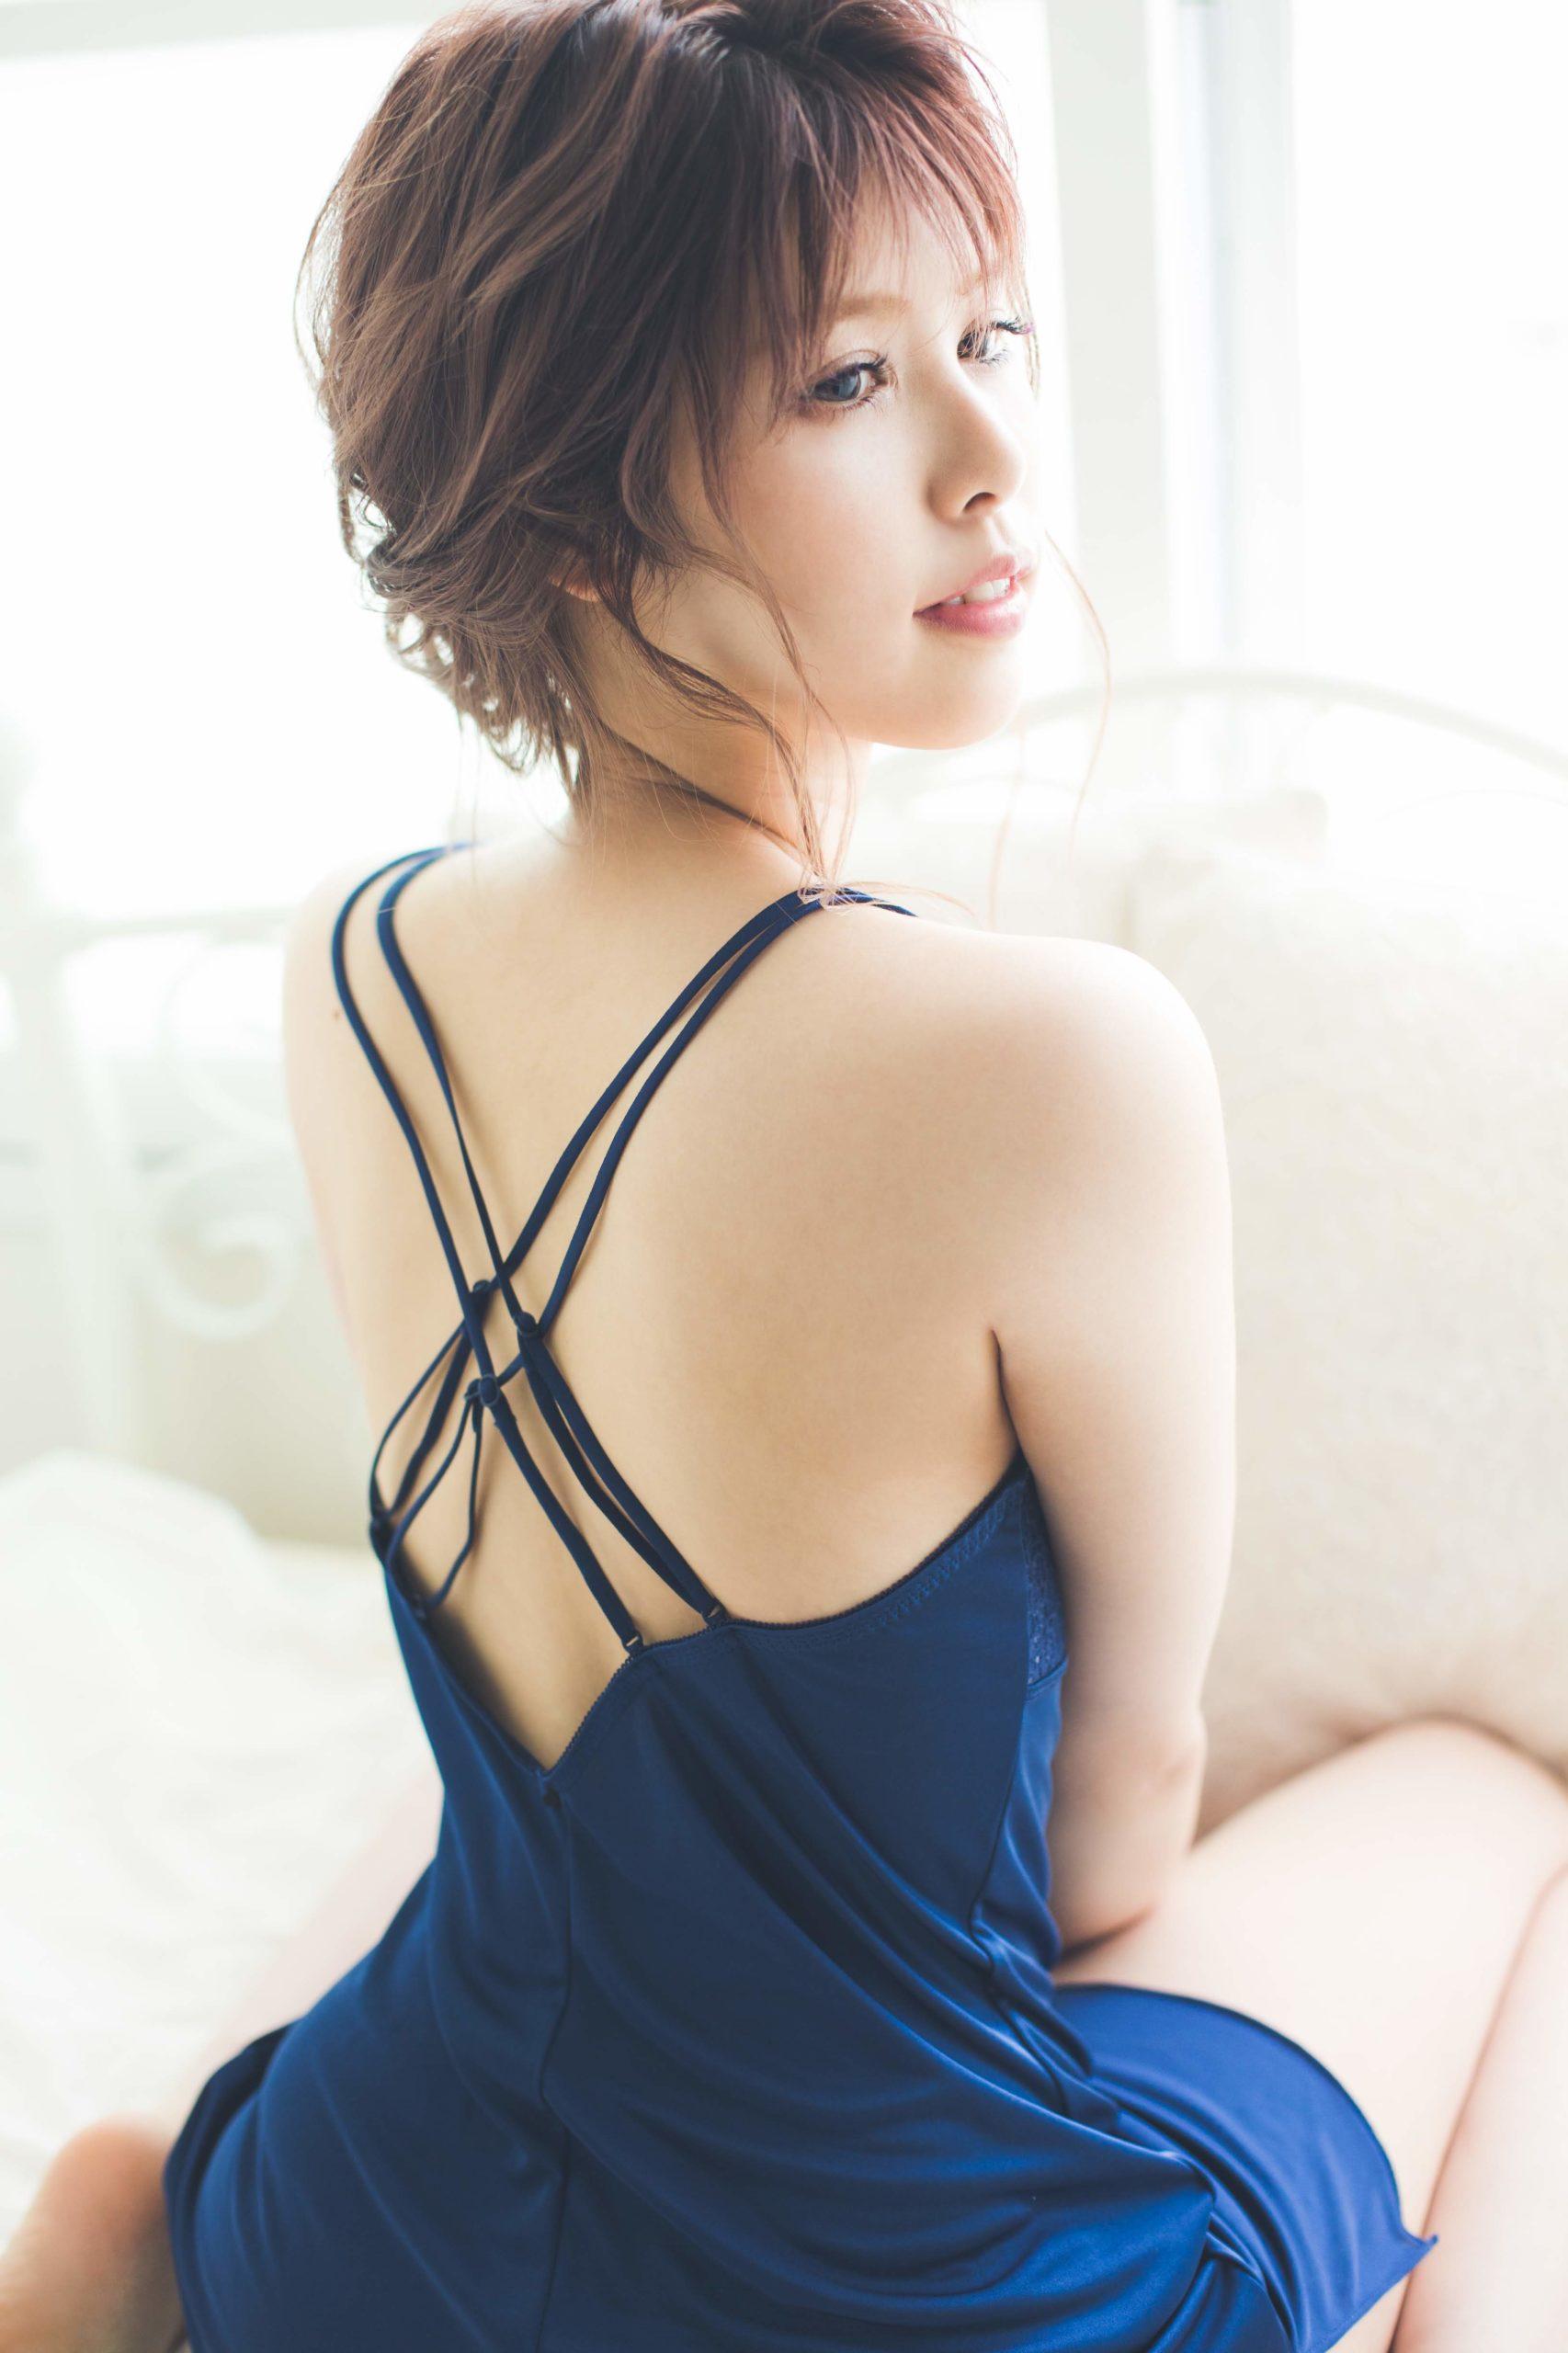 kadomatsu_yui_s_t_01